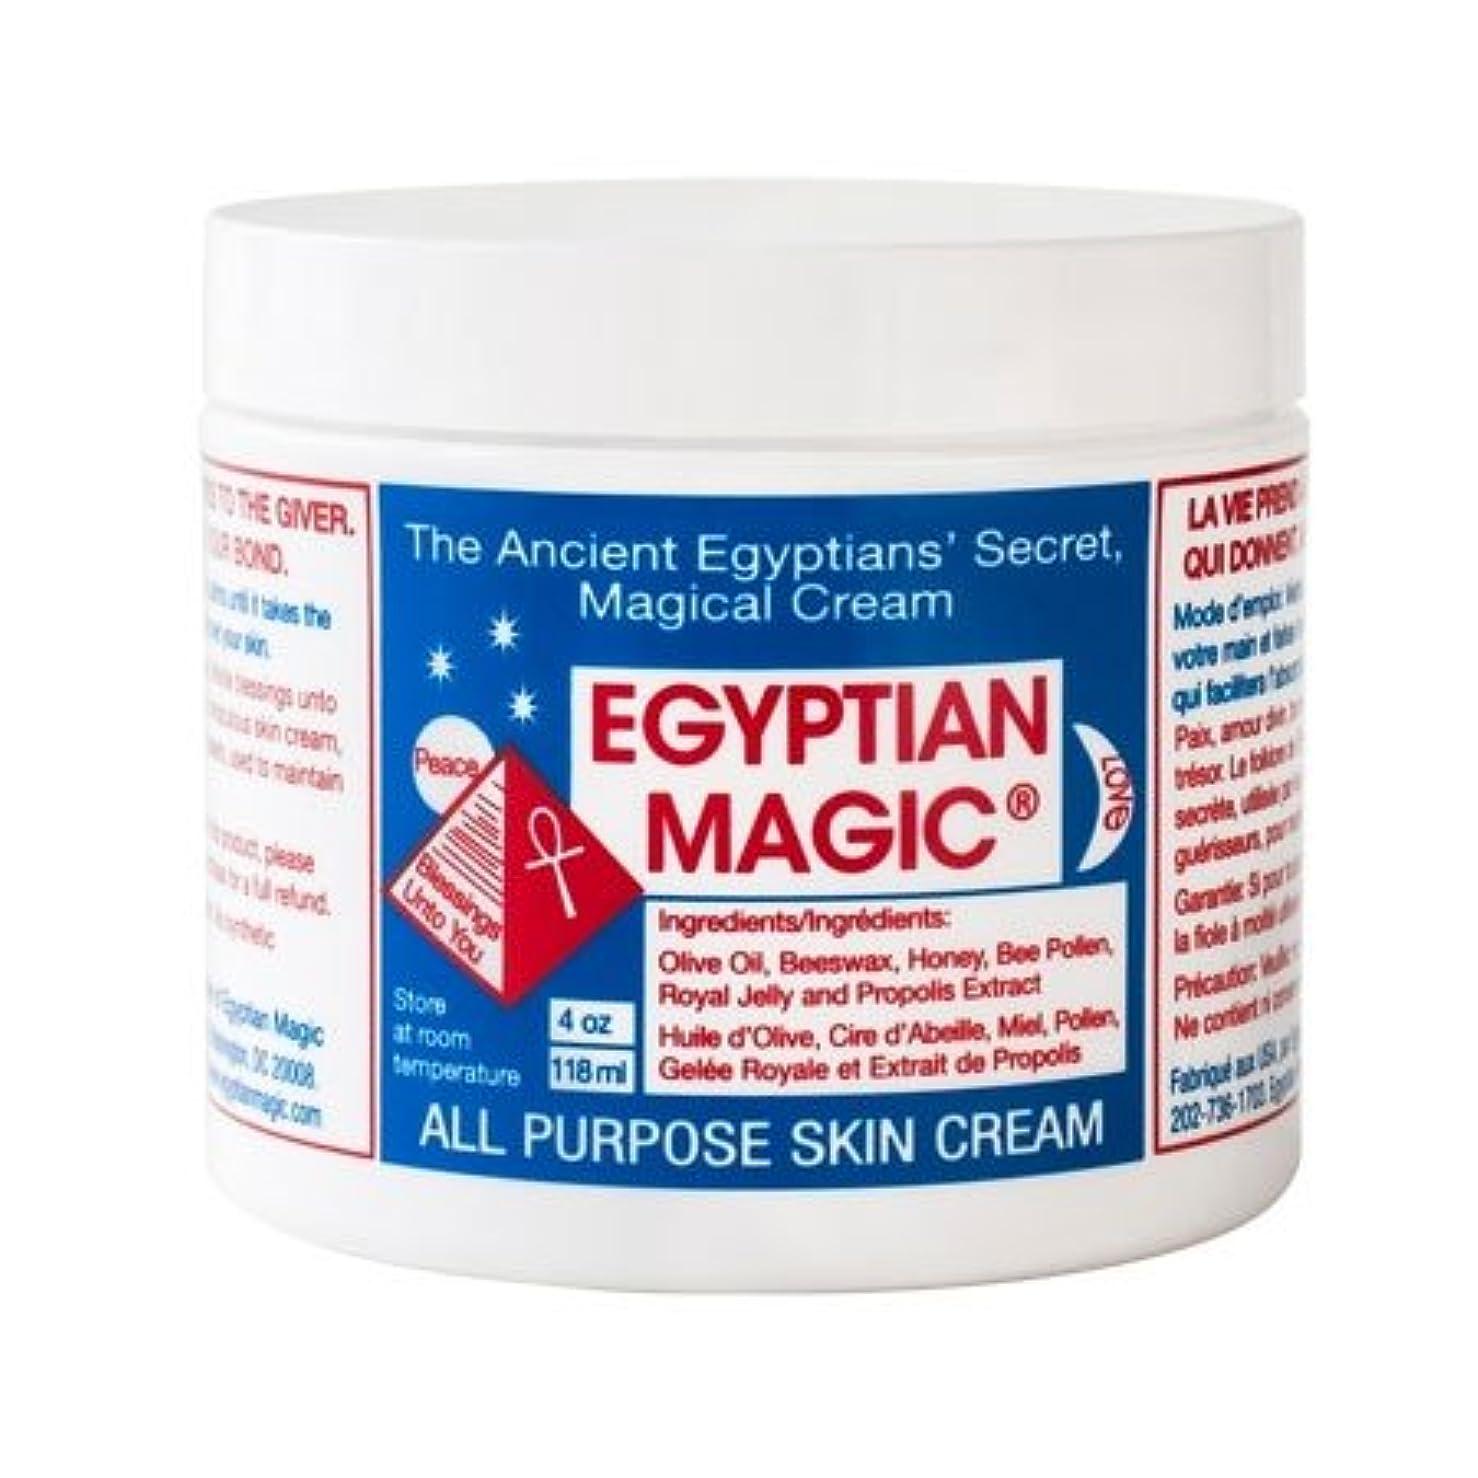 批判的に怒って屈辱するエジプシャンマジック エジプシャン マジック クリーム 118ml 海外仕様パッケージ